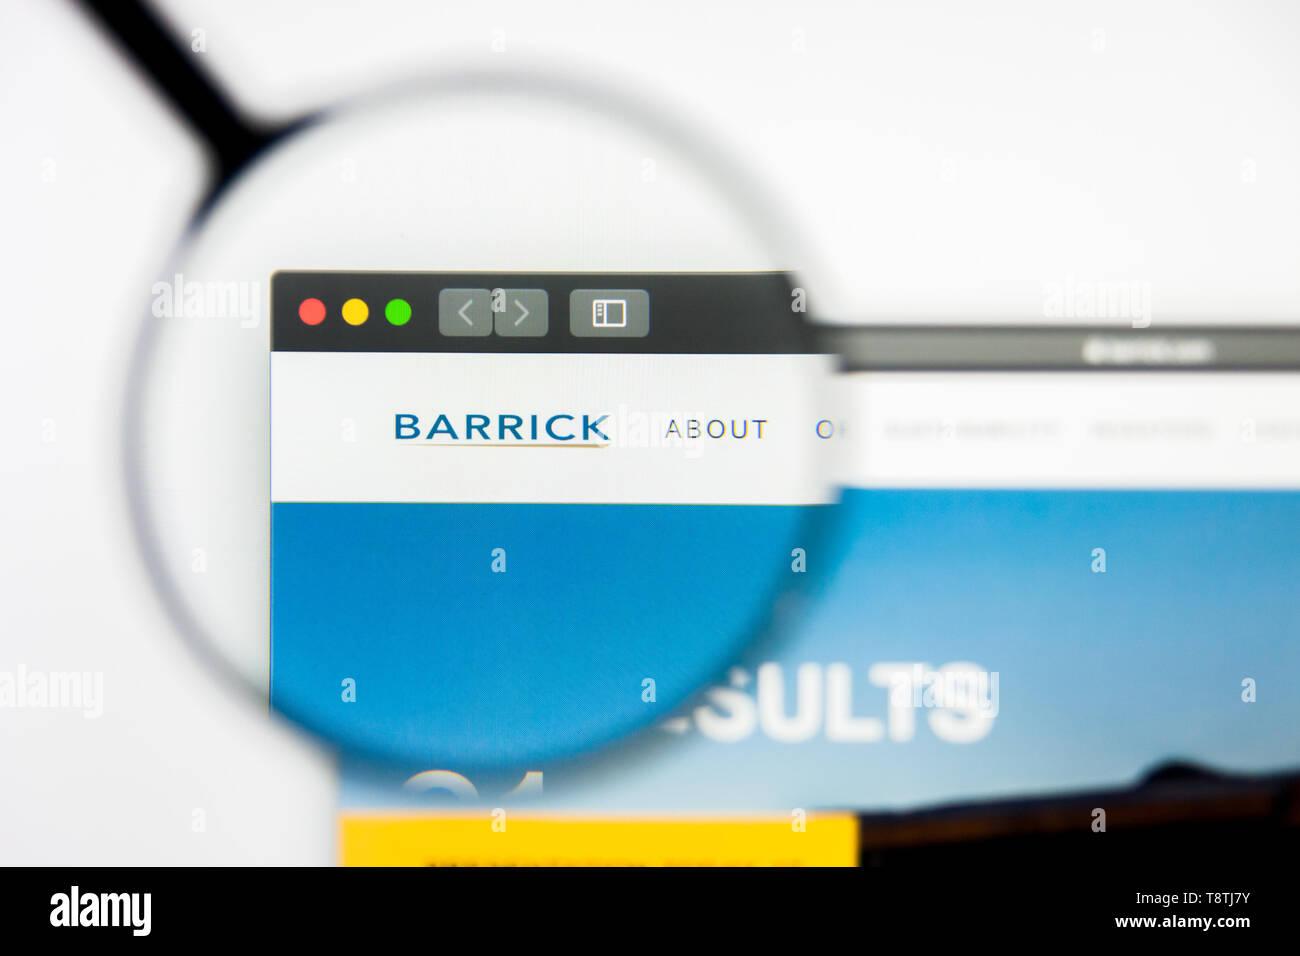 Barrick Gold Stock Photos & Barrick Gold Stock Images - Alamy